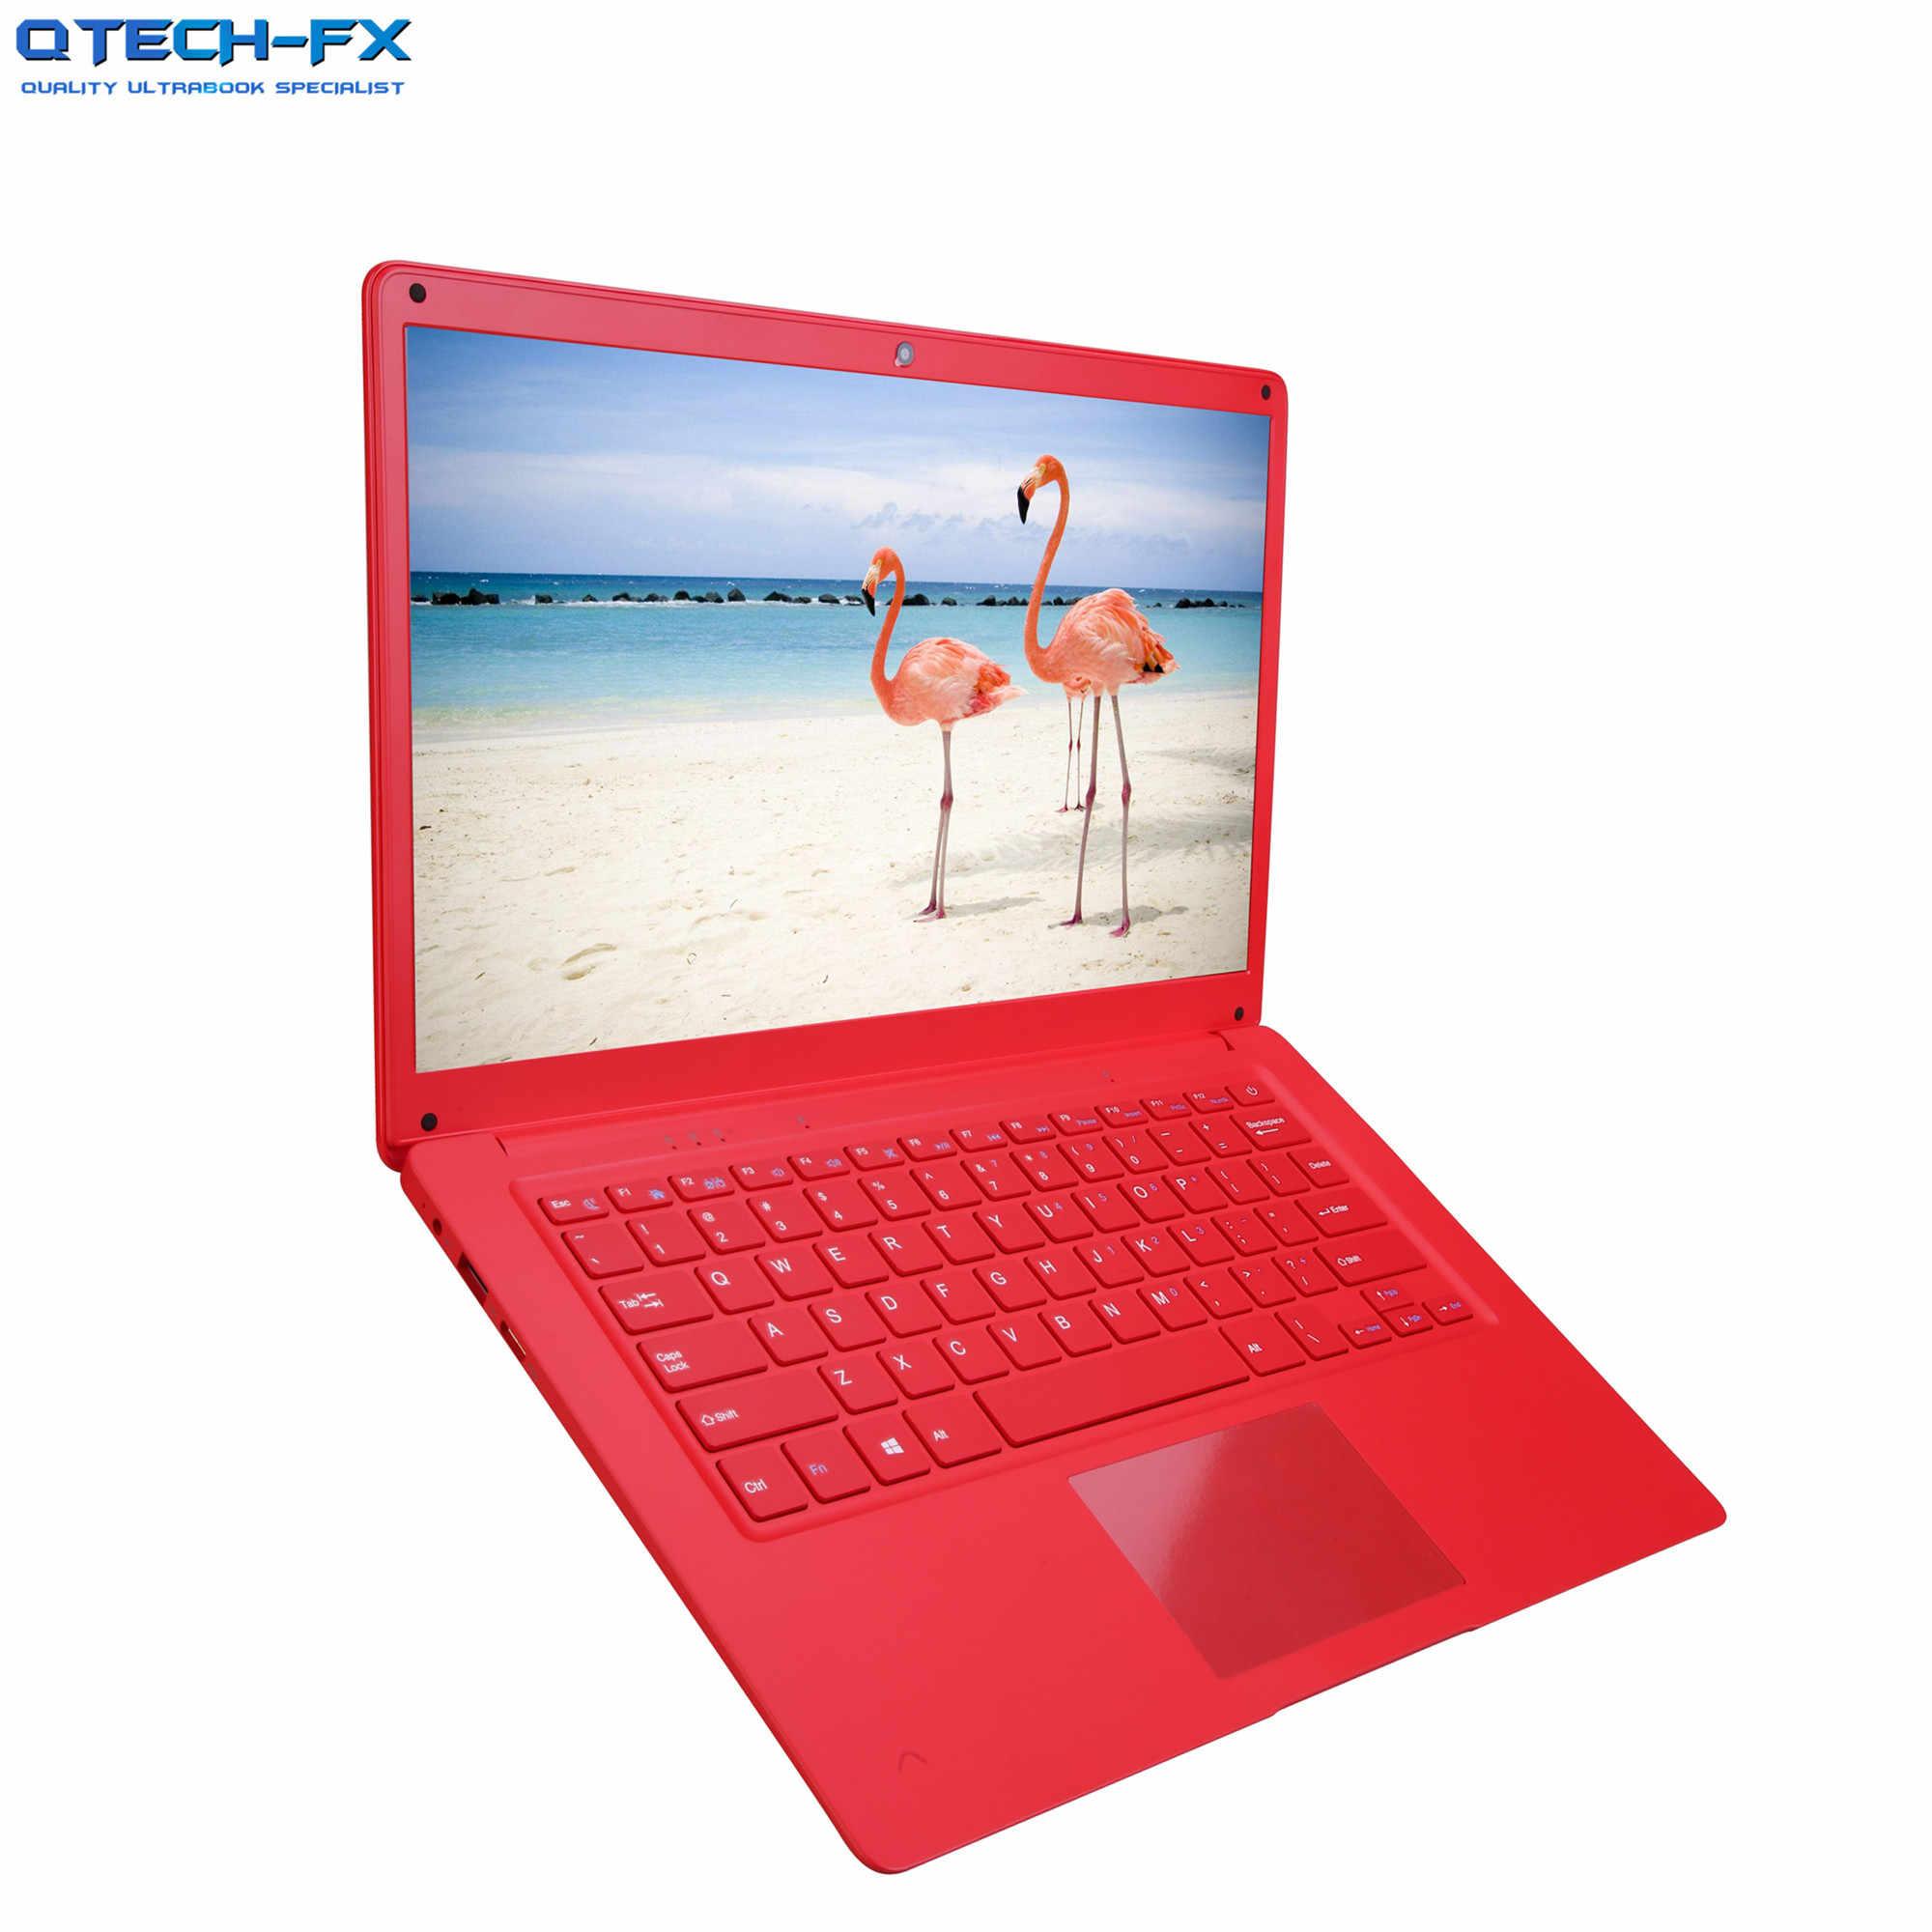 """14 """"IPS Ultrabook SSD 512 ギガバイト/256 グラムインテル 4 コア RAM 6 ギガバイトの Windows 10 ビジネススクールスペイン AZERTY ロシアキーボード"""